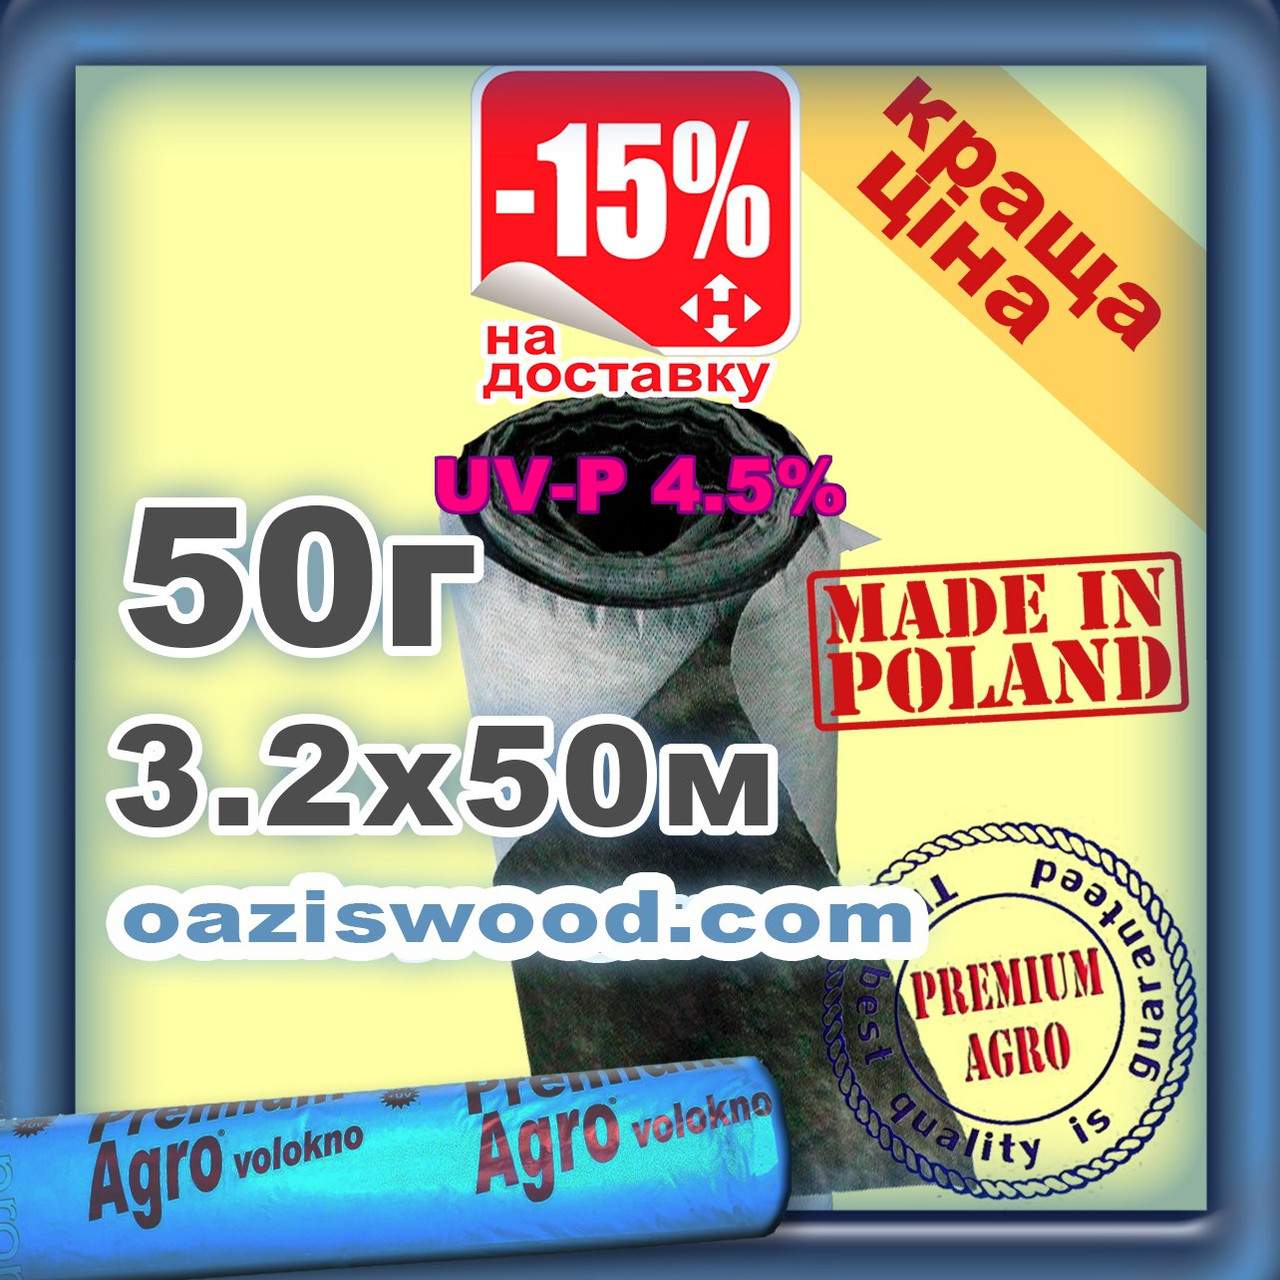 Агроволокно p-50g 3.2*50м черно-белое UV-P 4.5% Premium-Agro Польша